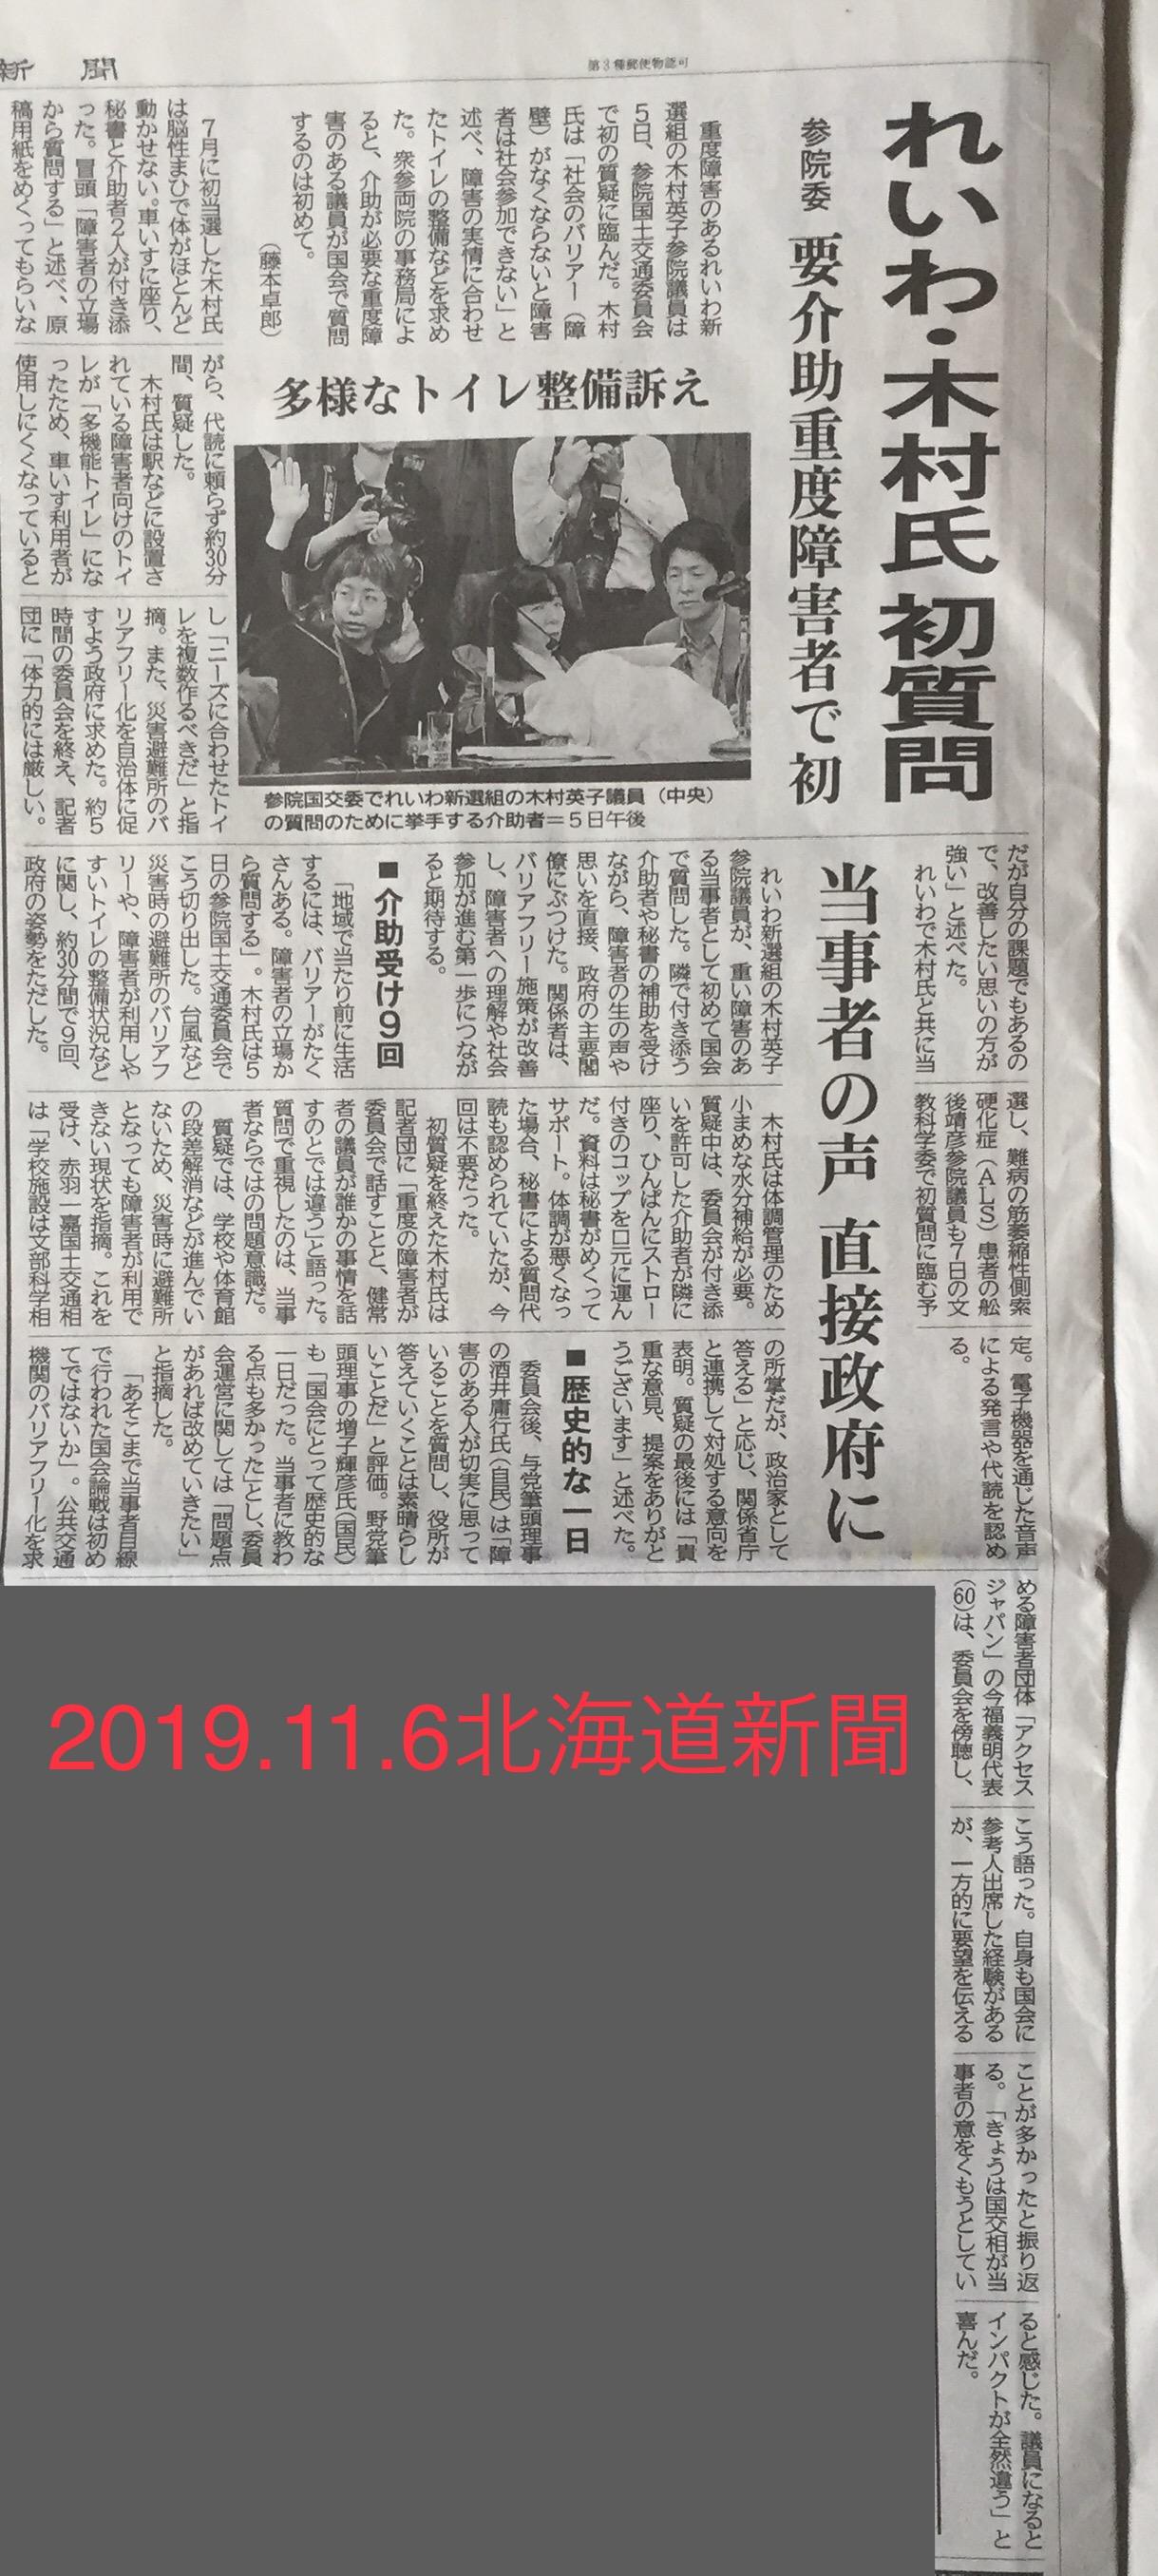 木村さんが国会質問したことを報じる北海道新聞記事